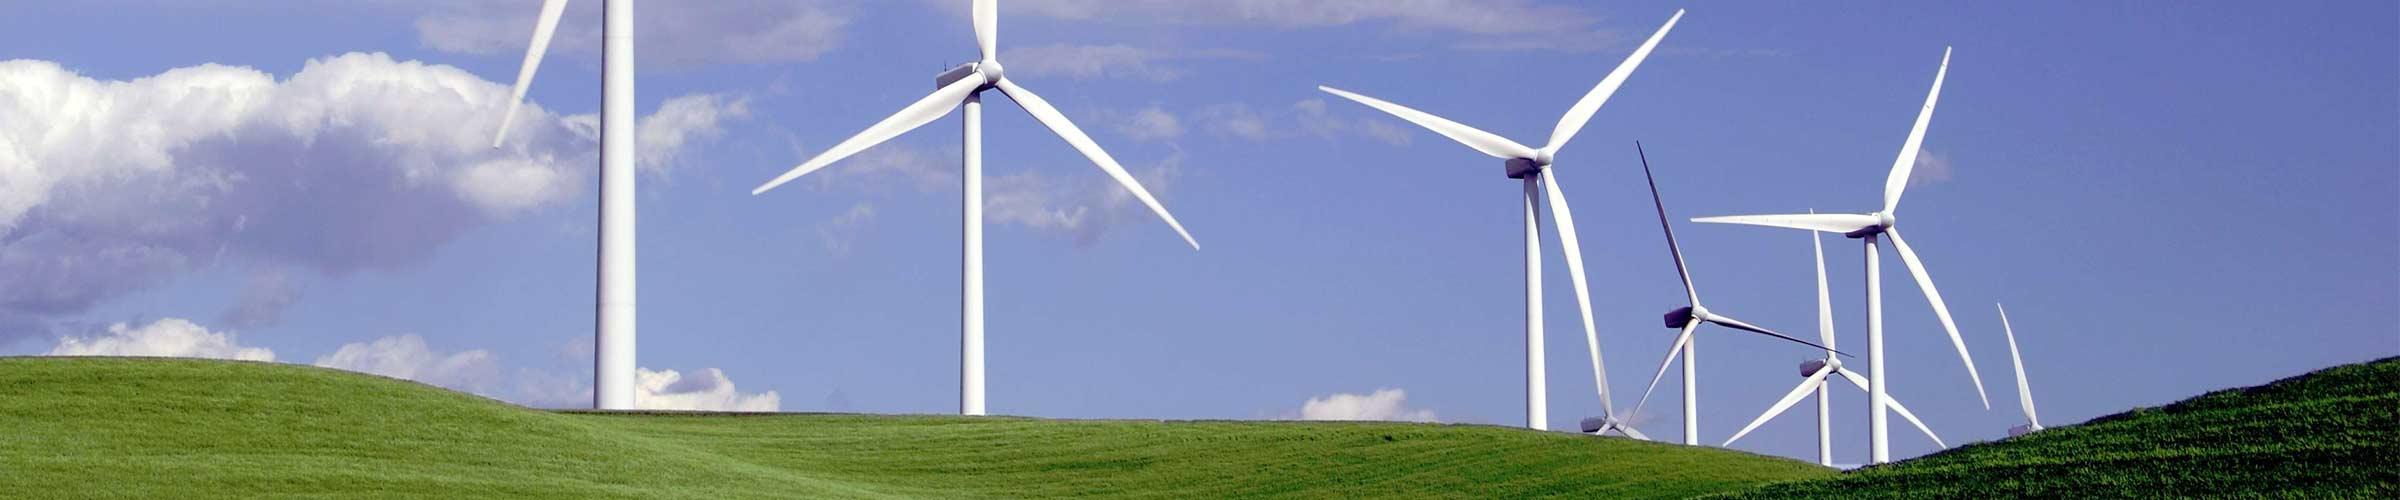 Clarity-Energy-Sector-Header